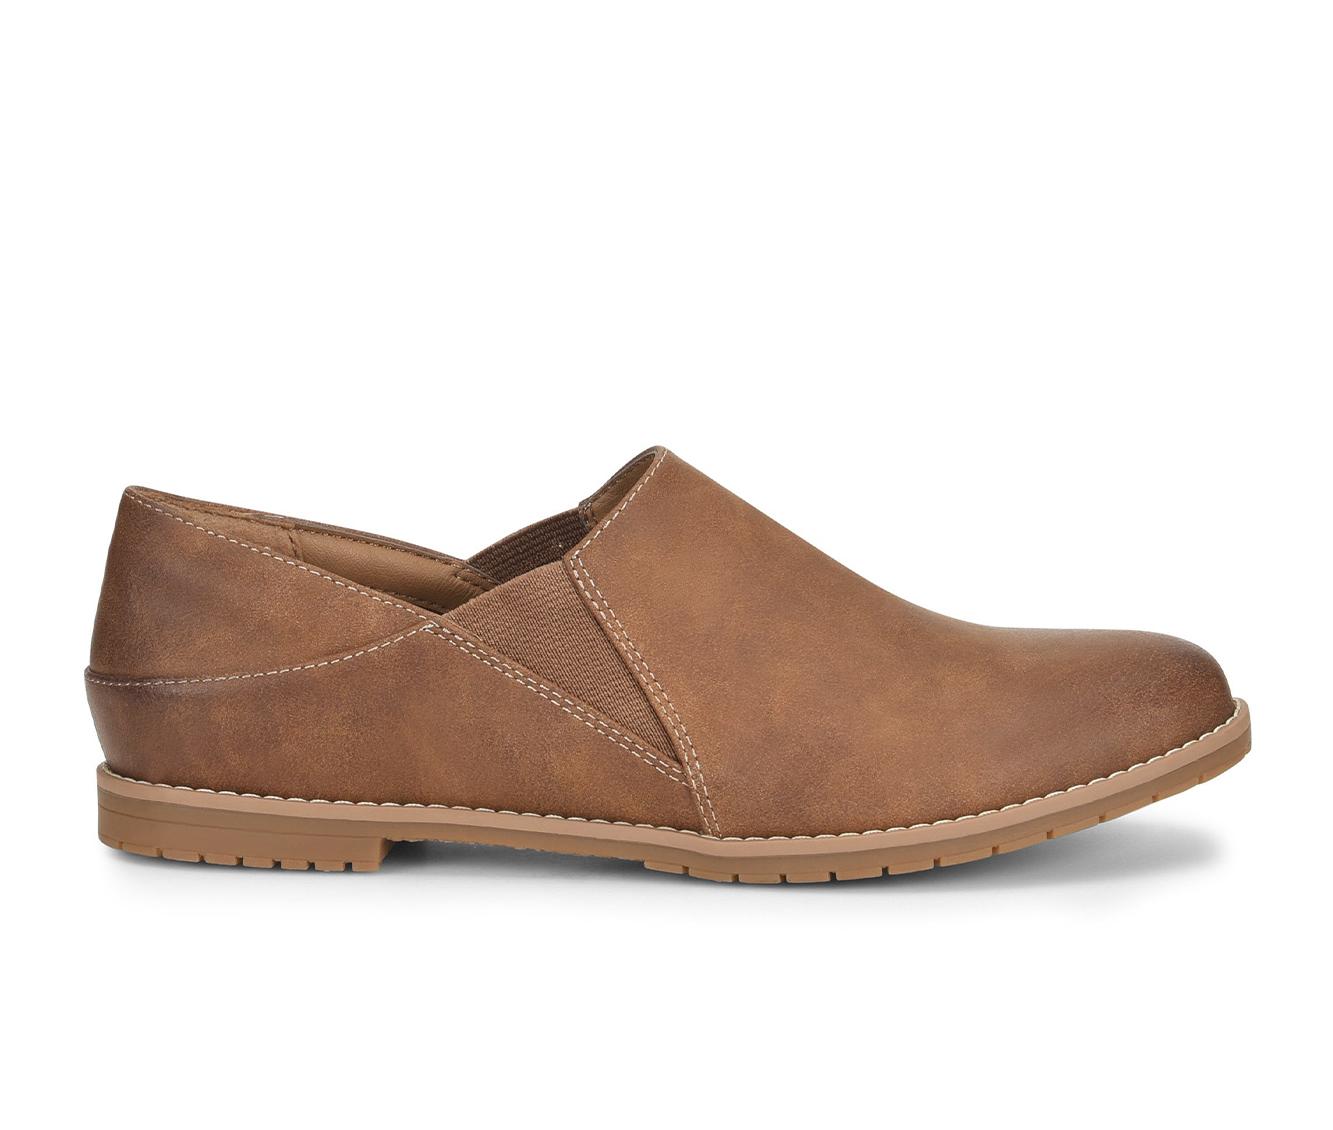 EuroSoft Everett Women's Shoe (Brown Faux Leather)